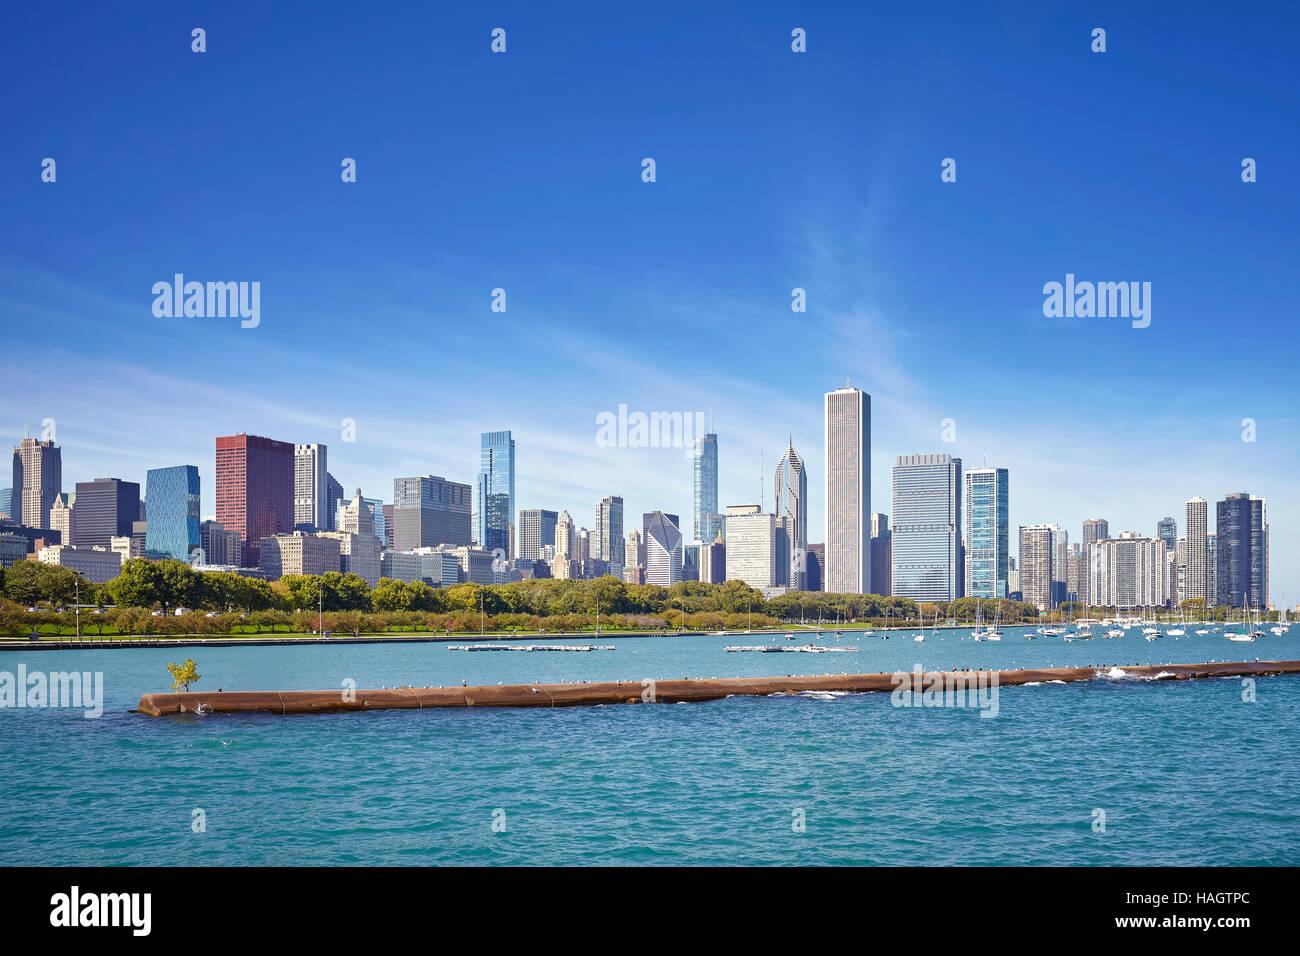 Chicago waterfront e dello skyline della città in una giornata di sole, STATI UNITI D'AMERICA. Immagini Stock